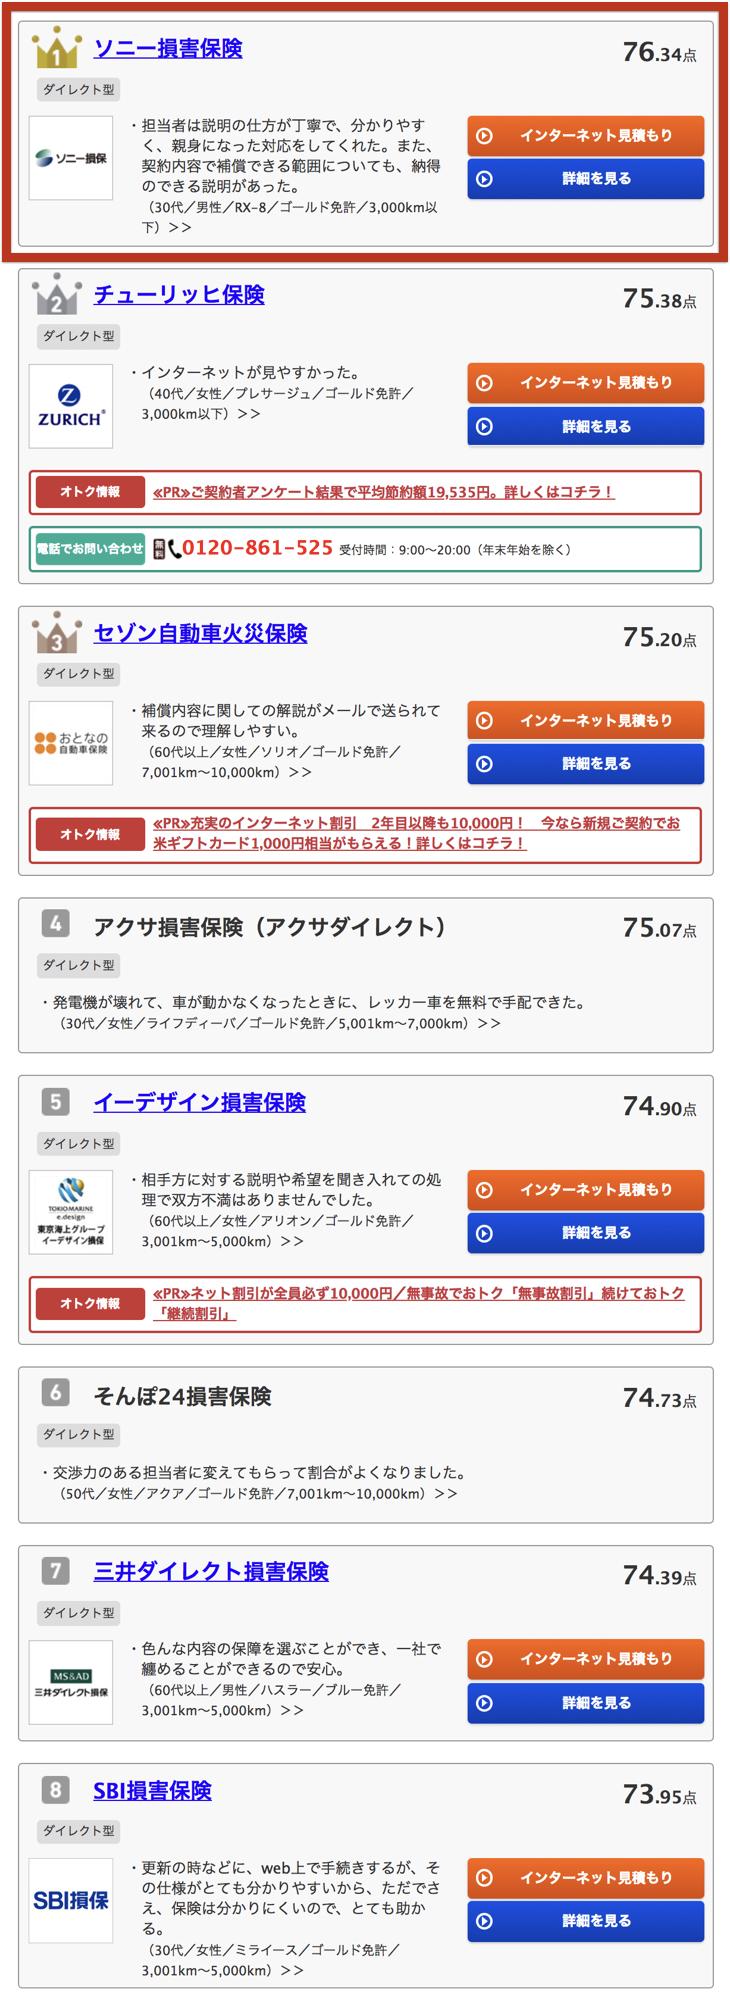 ソニー損保 三井ダイレクト